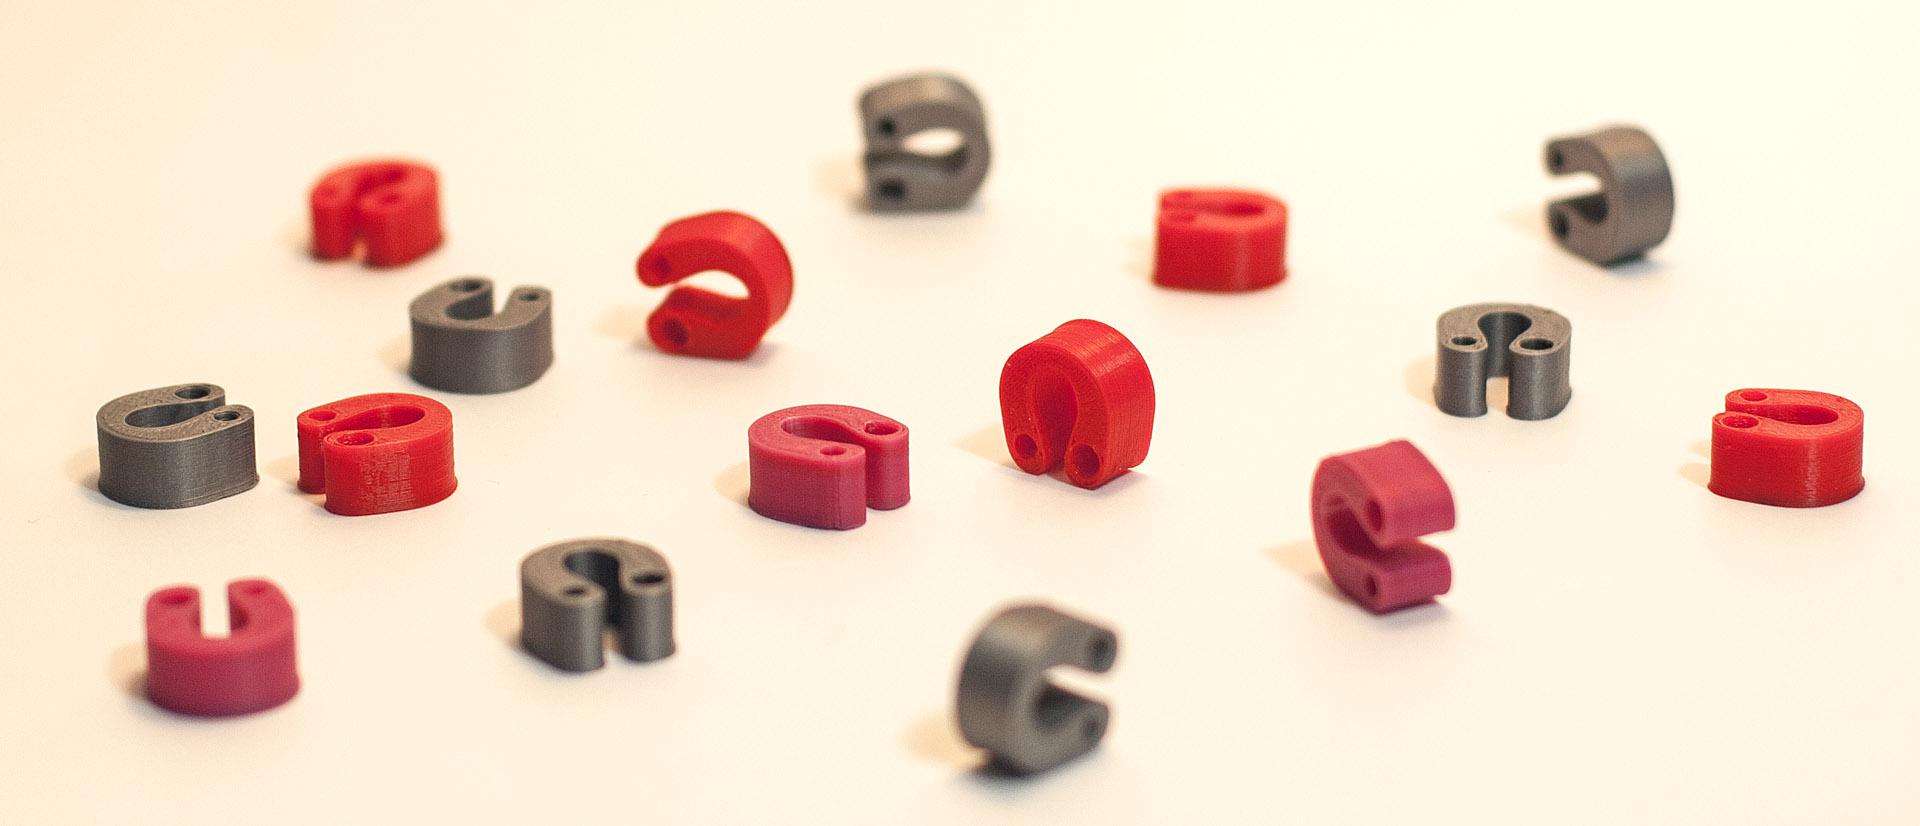 Justpressprint 3d printed Filament Clips